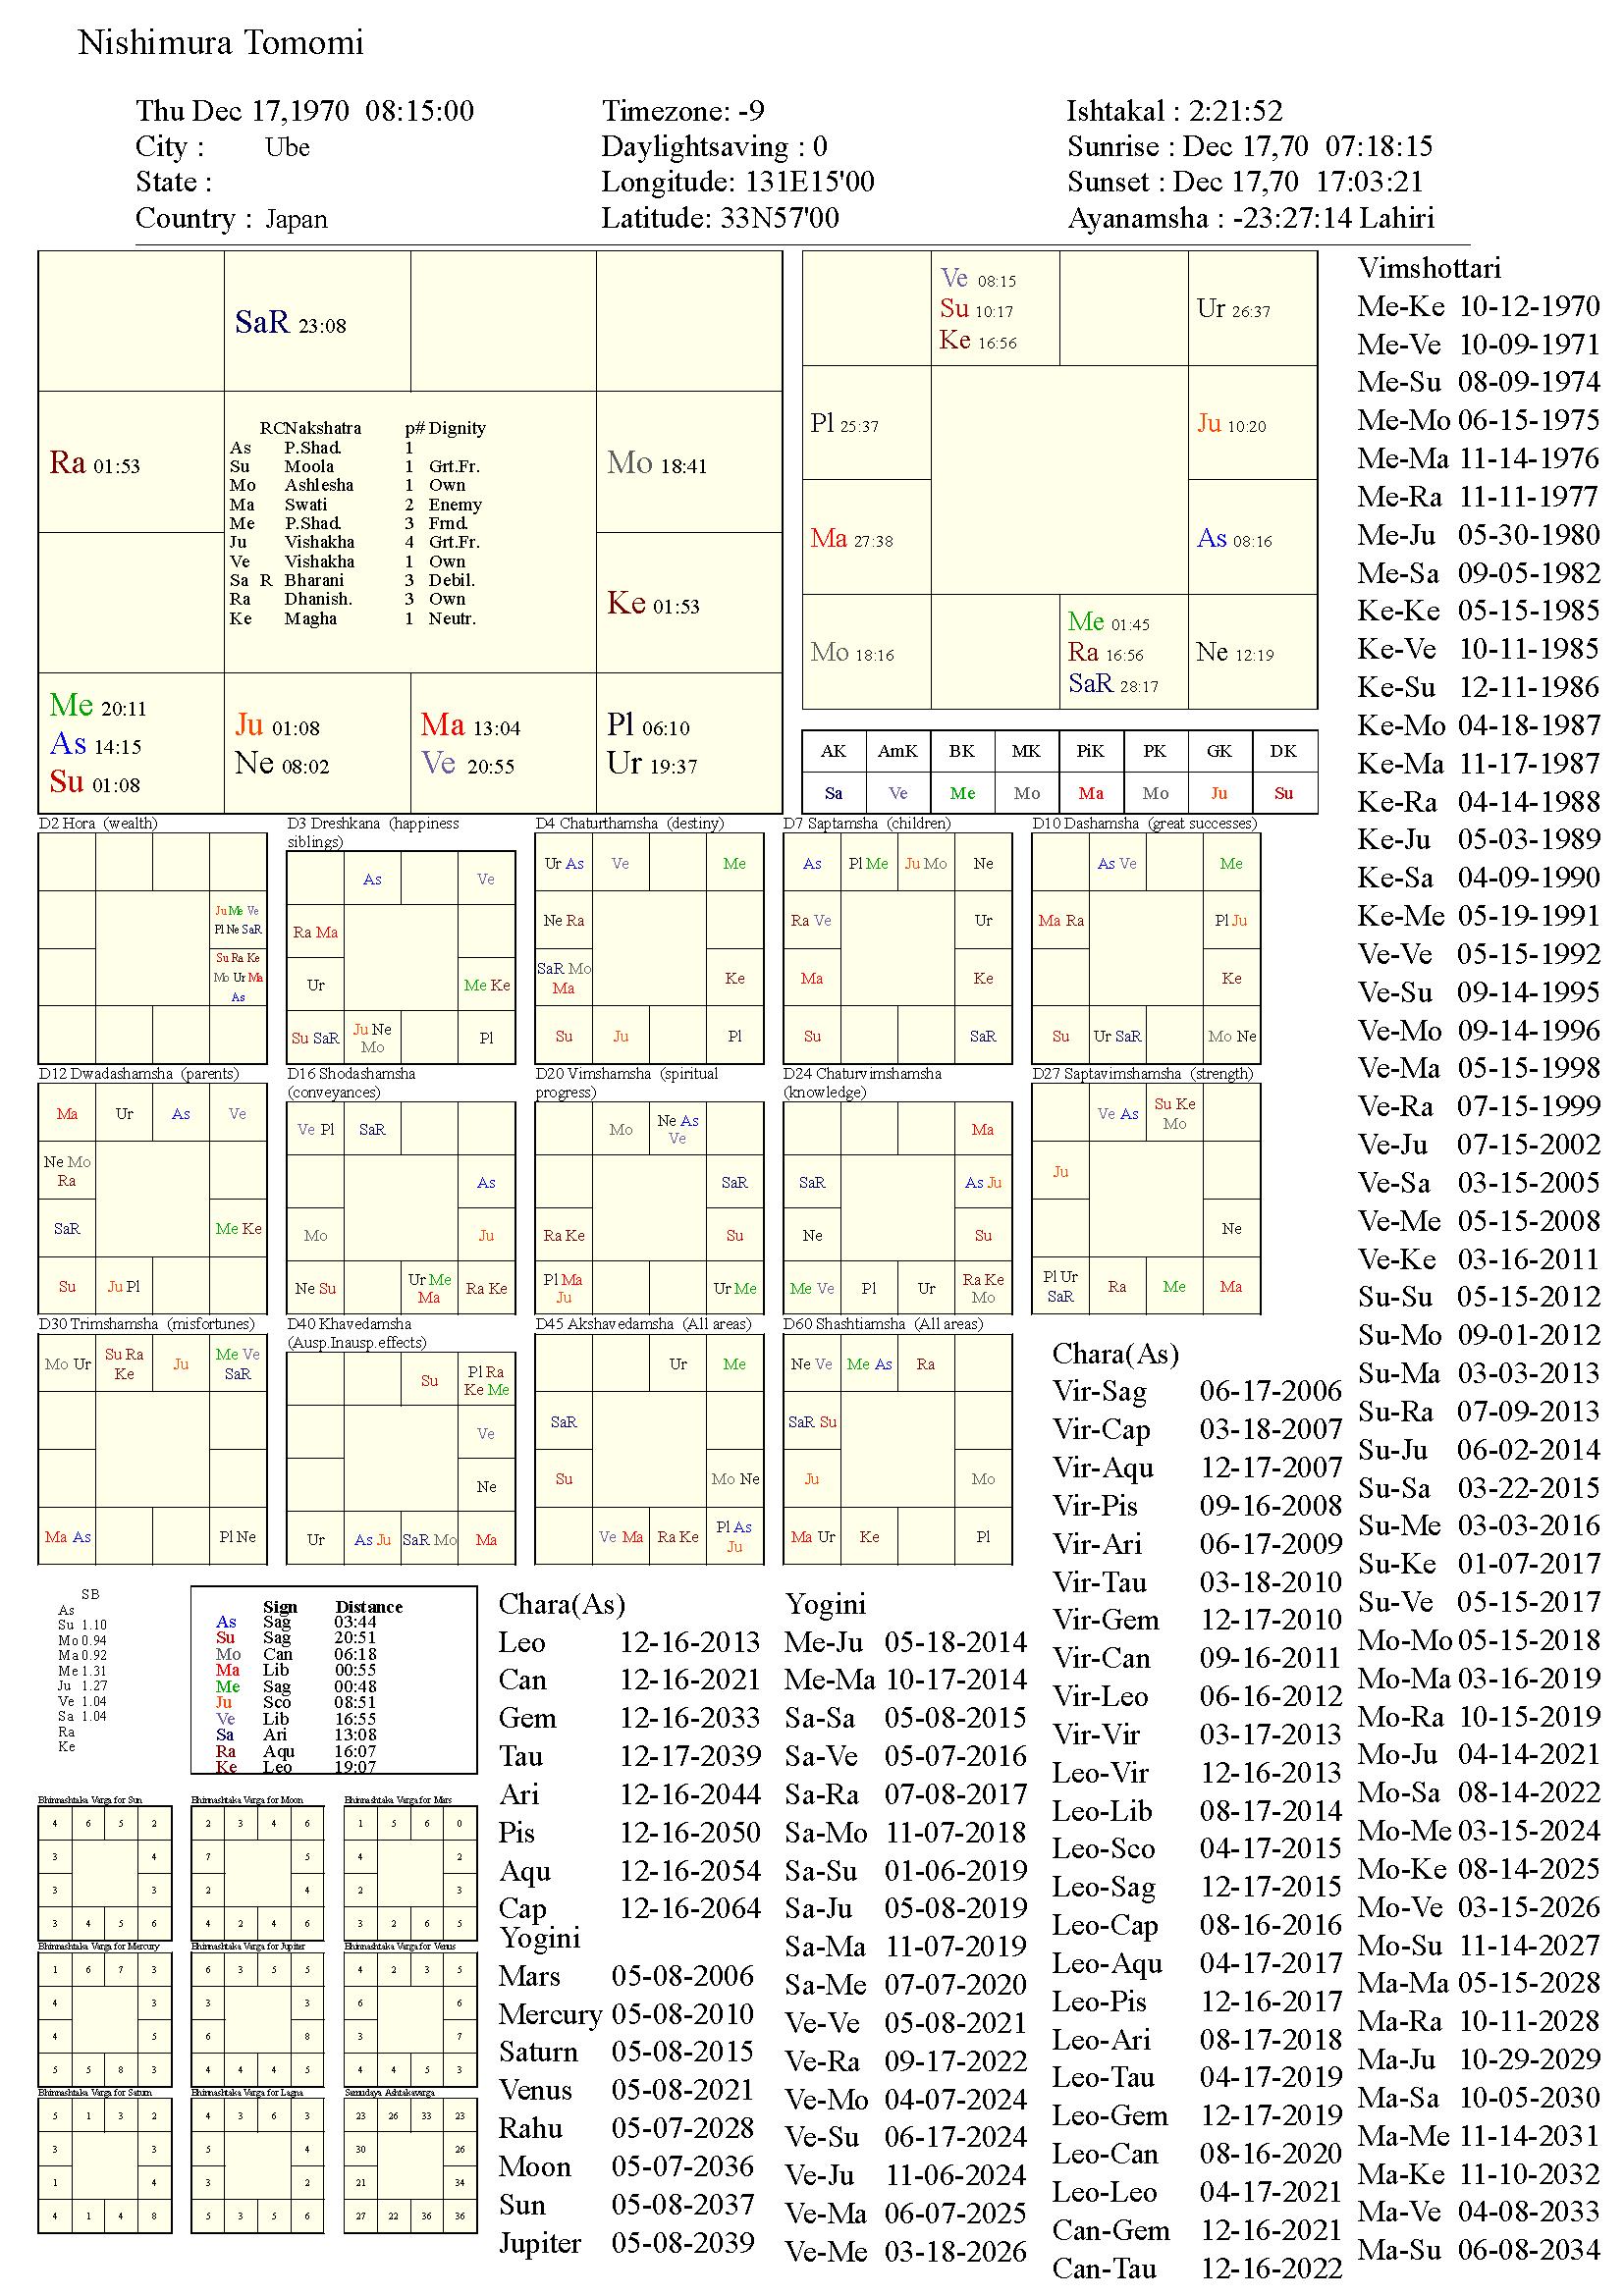 nishimuratomomi_chart